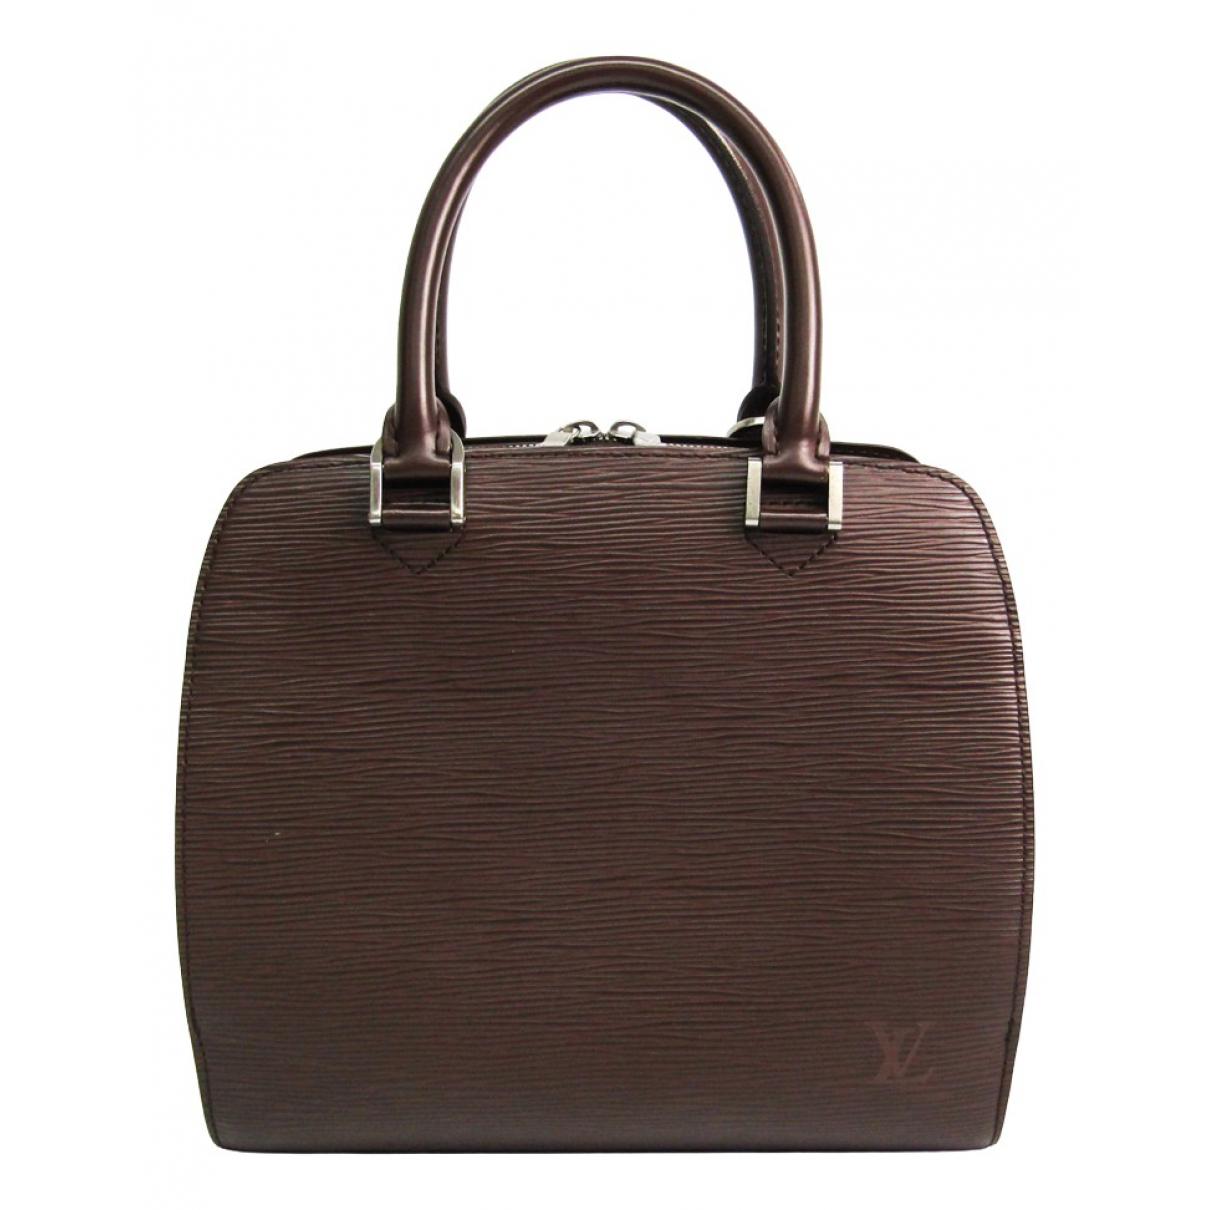 Louis Vuitton - Sac a main Pont Neuf Vintage  pour femme en cuir - marron